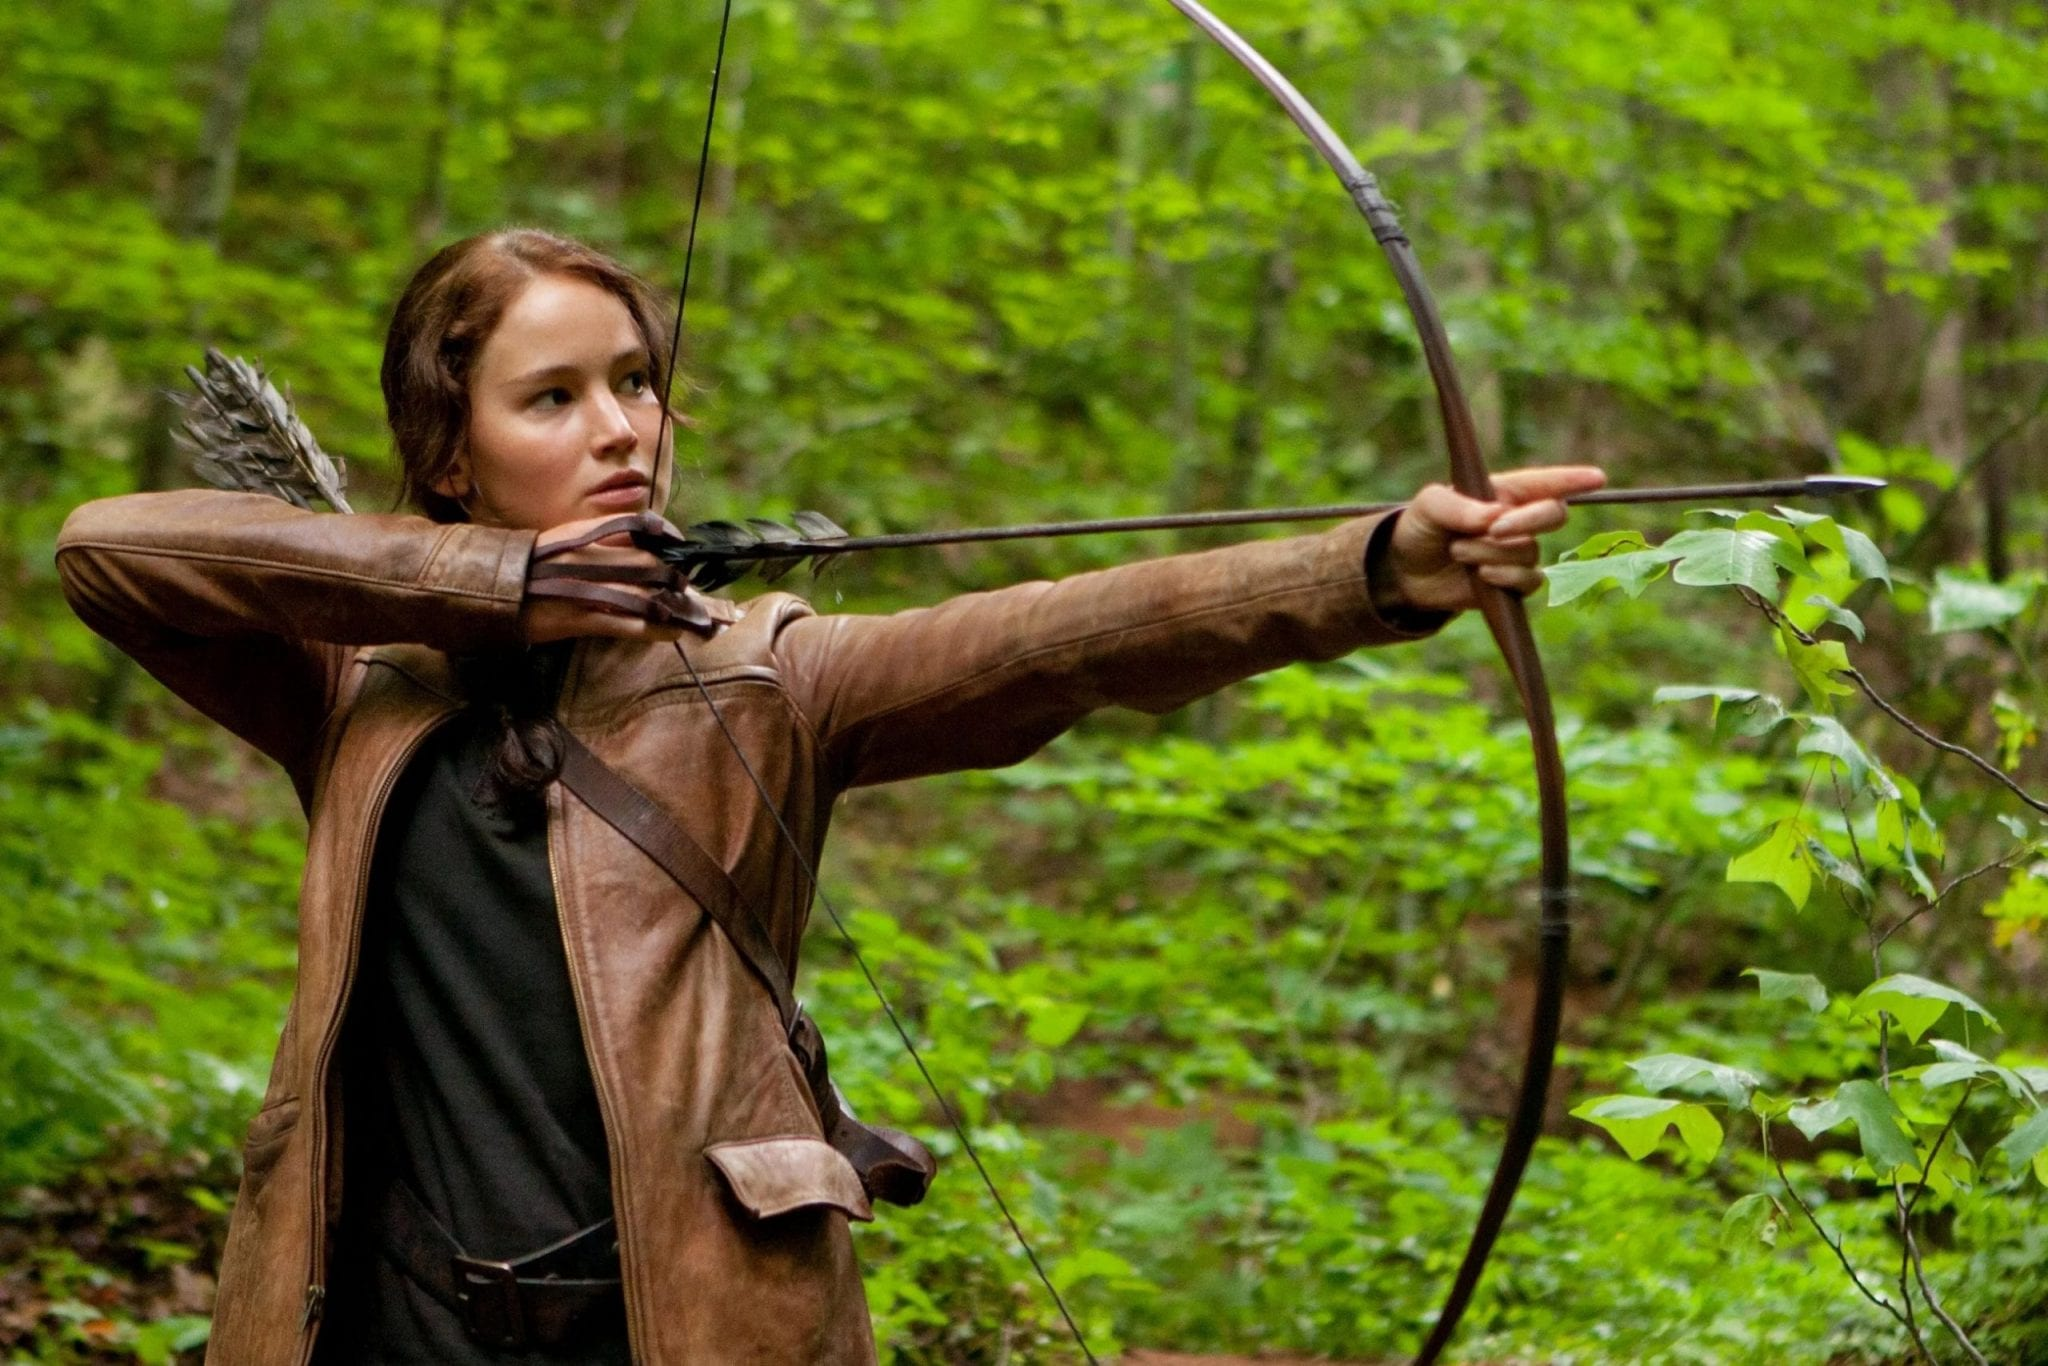 AscoltiTV 7 maggio 2020 · Dati Auditel del giovedì: Vivi e lascia vivere, Pelè, Hunger Games, Dritto e rovescio e Piazzapulita